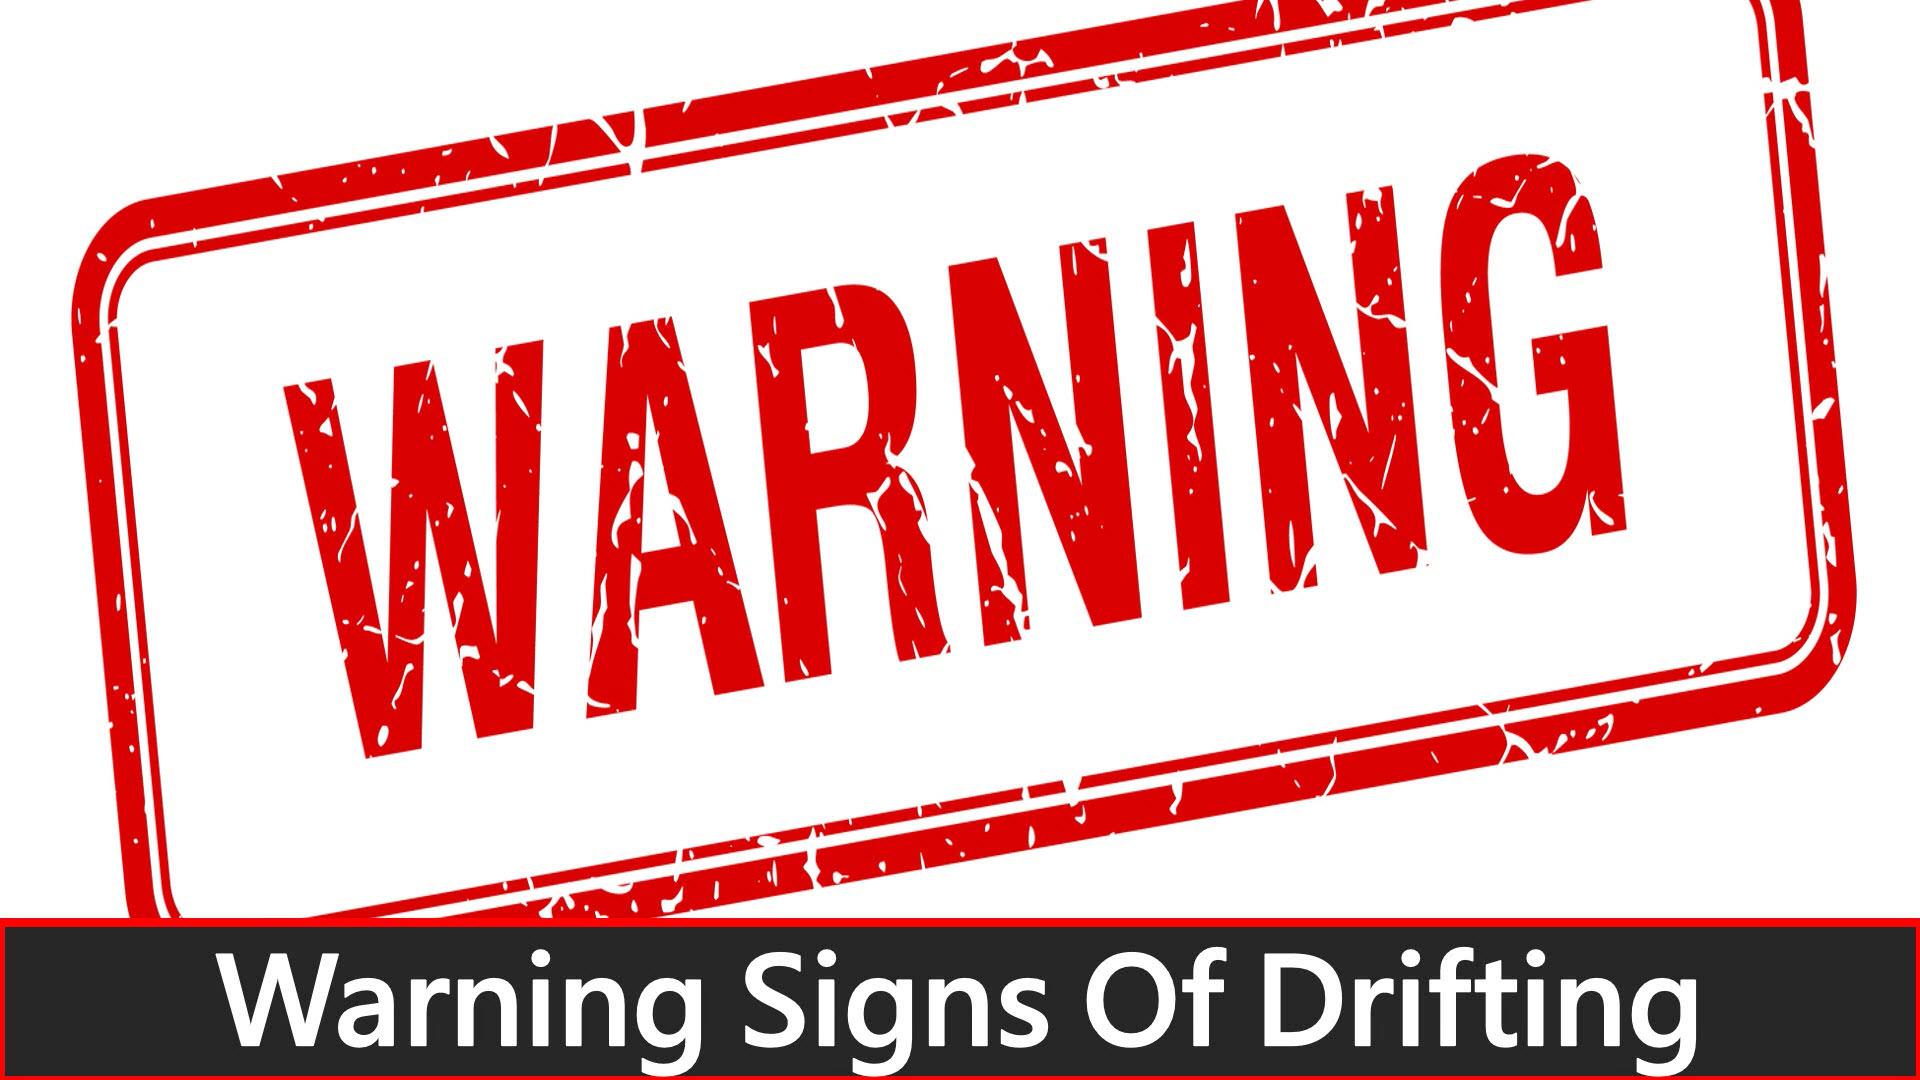 Warning Signs Of Drifting